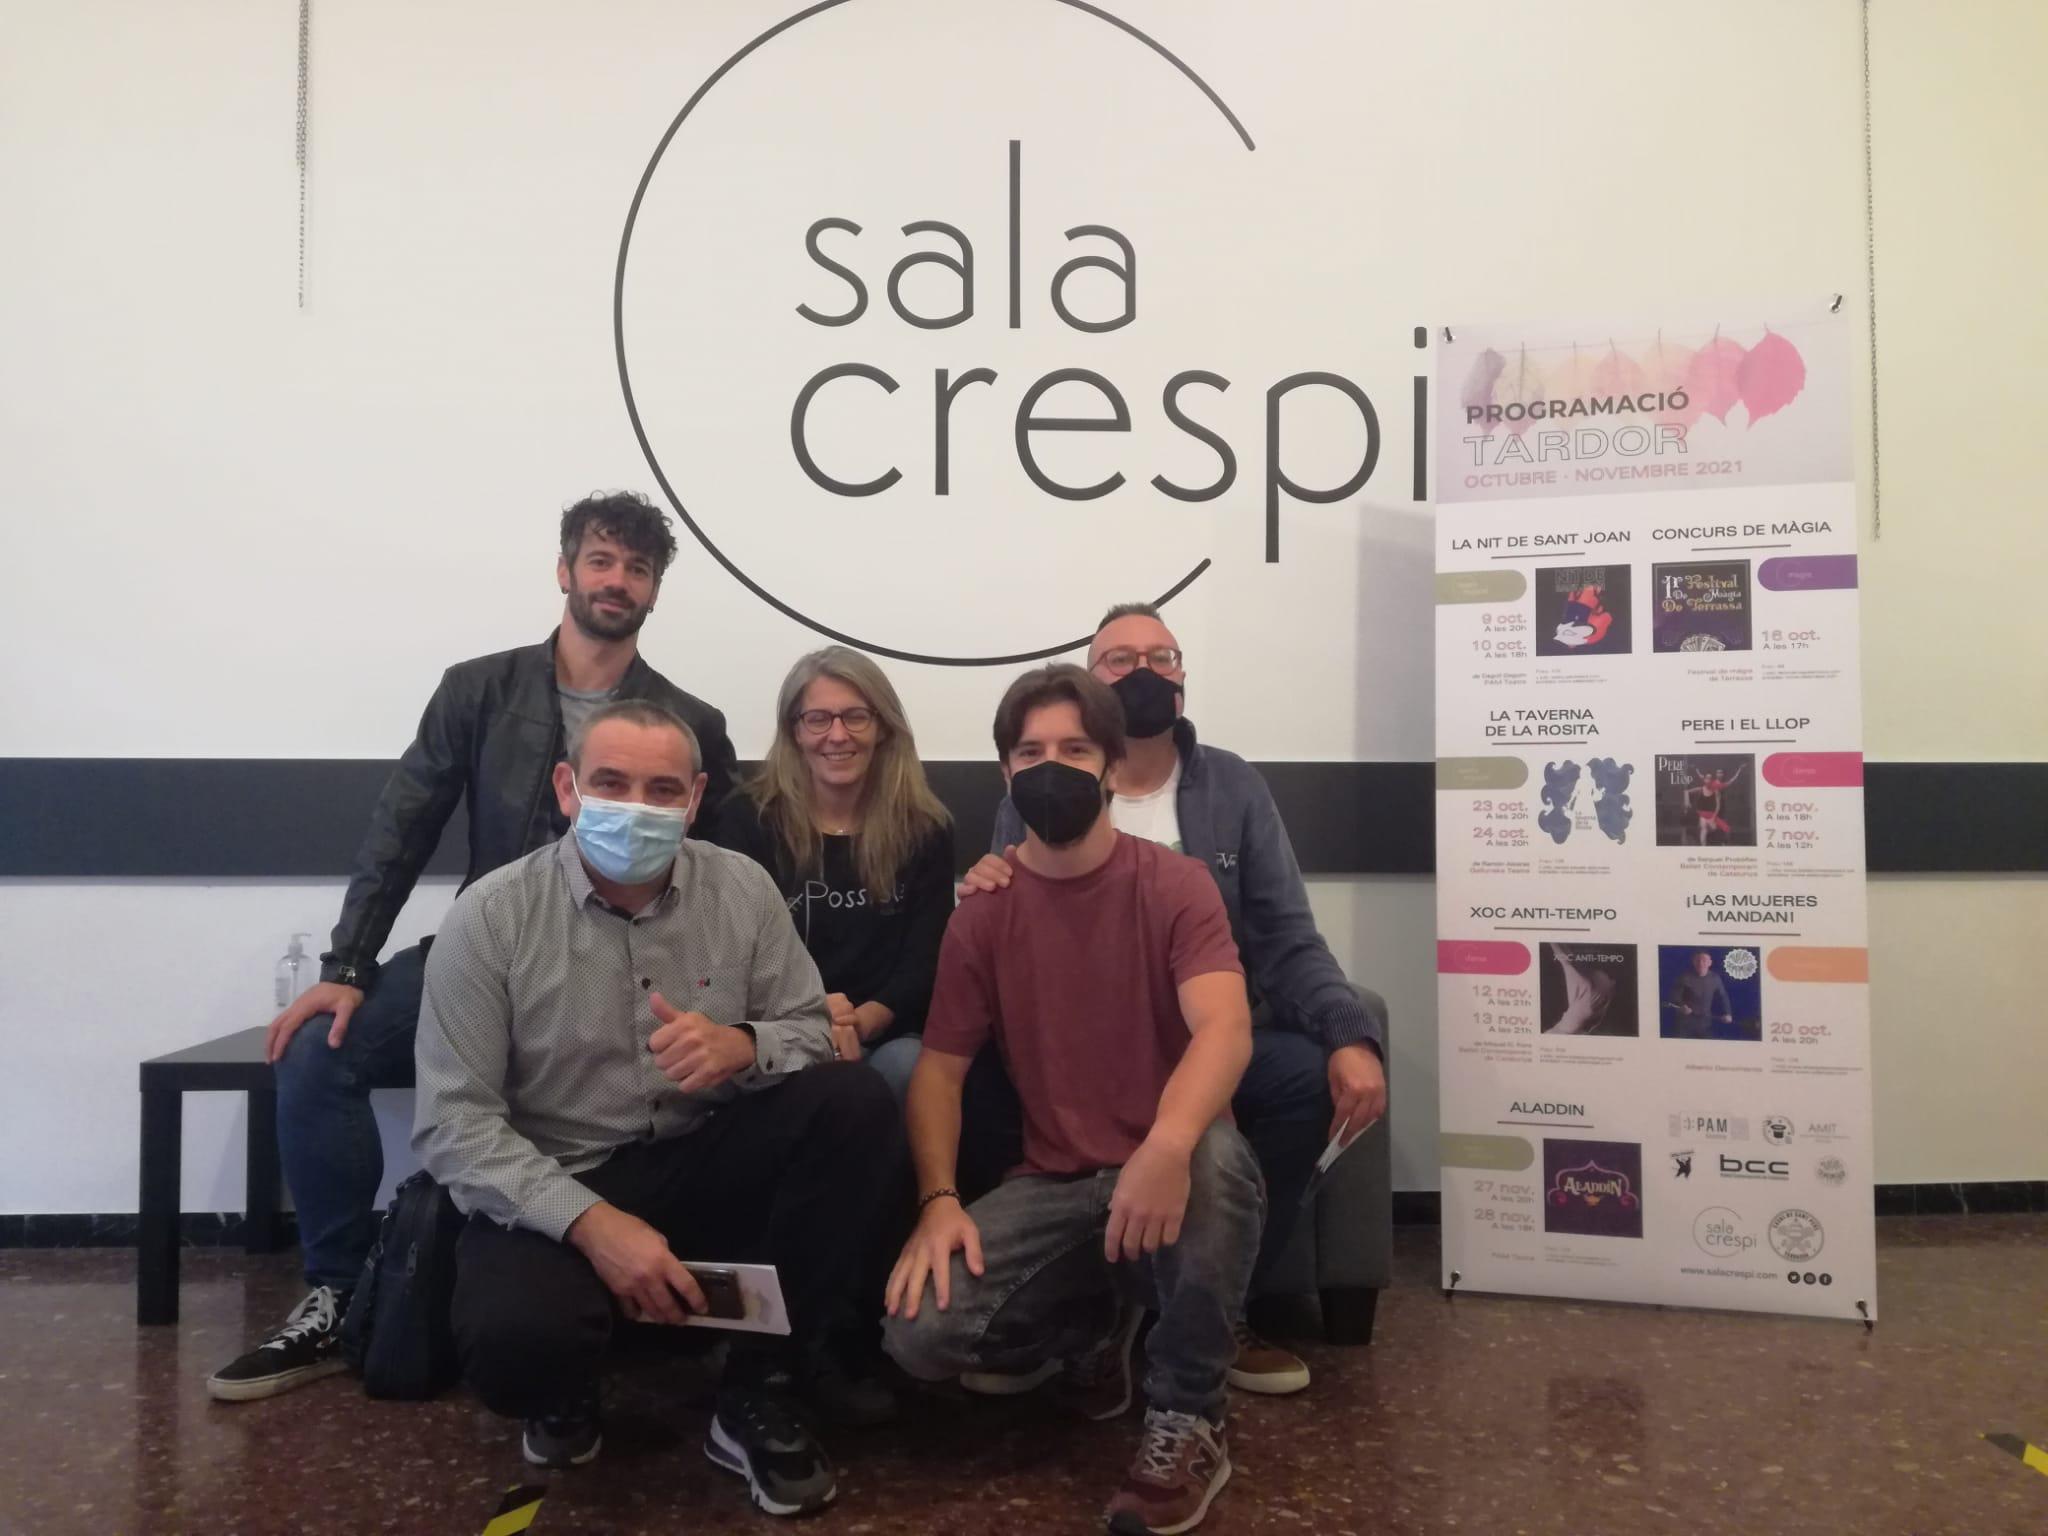 Miquel G. Font, Silvia Bartés, Josep Manel Martínez, José Carlos Muñoz i Alberto de Momento a la Sala Crespi | Laura Gómez